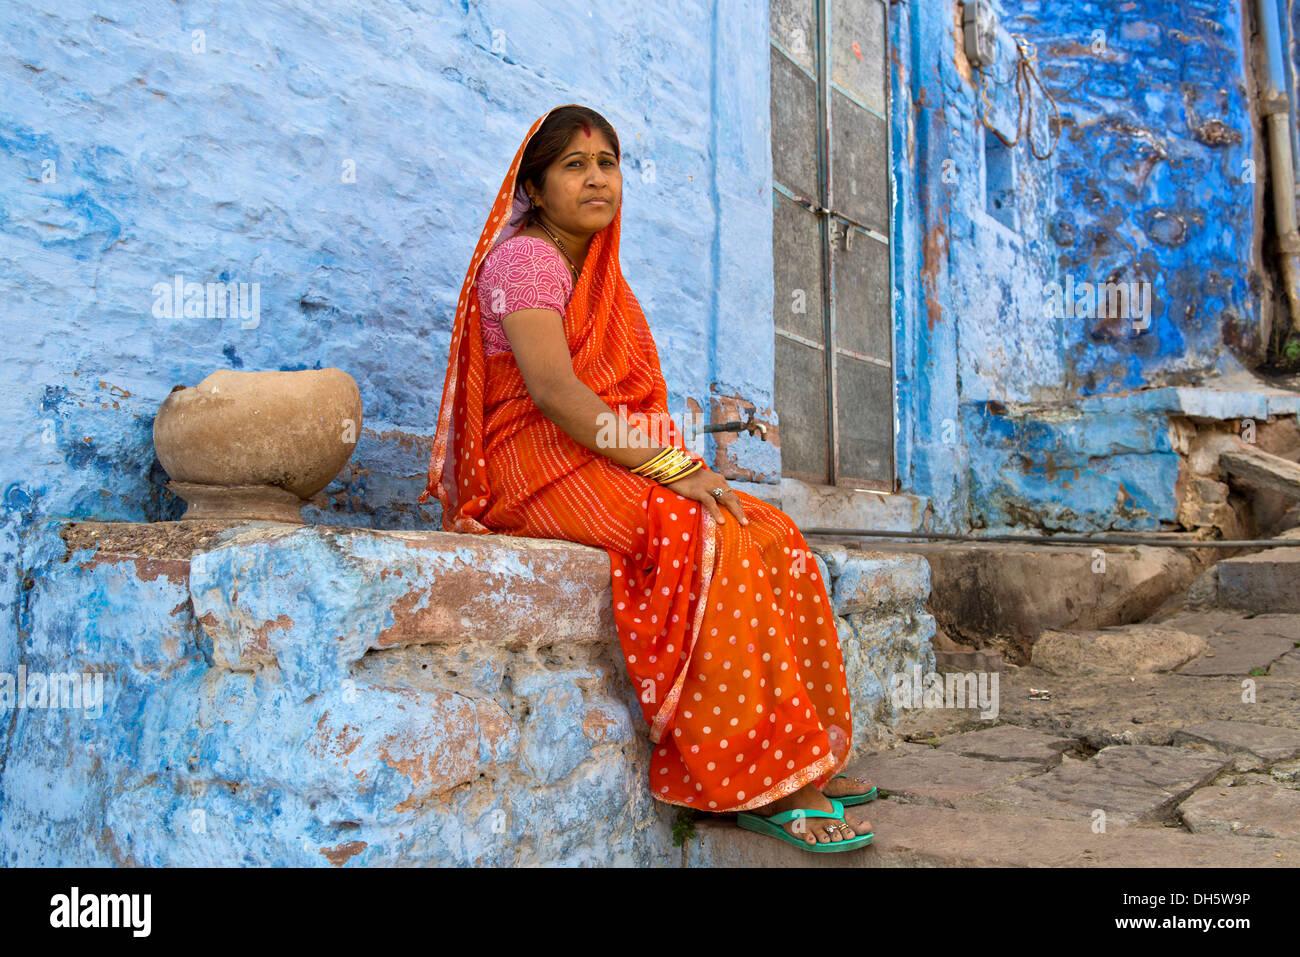 Ältere Frau trägt einen roten Sari sitzt auf einem Felsvorsprung ein blau lackiert, Wohngebäude, Brahmpuri, Jodhpur, Rajasthan, Indien Stockfoto